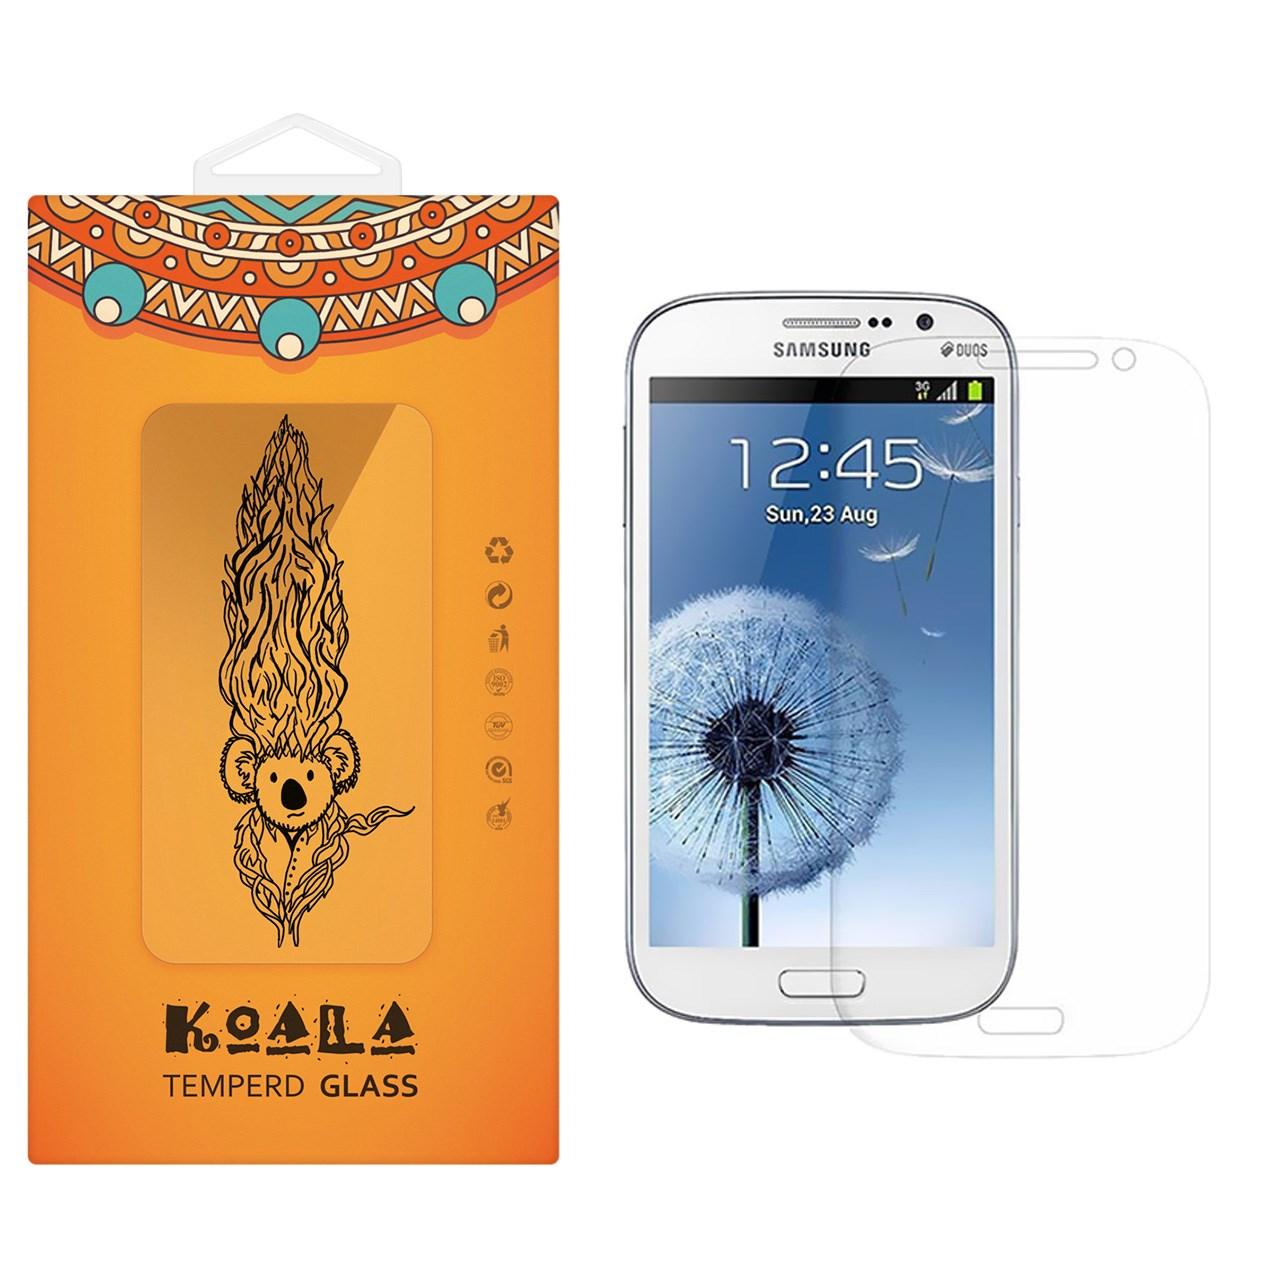 محافظ صفحه نمایش شیشه ای کوالا مدل Tempered مناسب برای گوشی موبایل سامسونگ Galaxy Grand Neo Plus